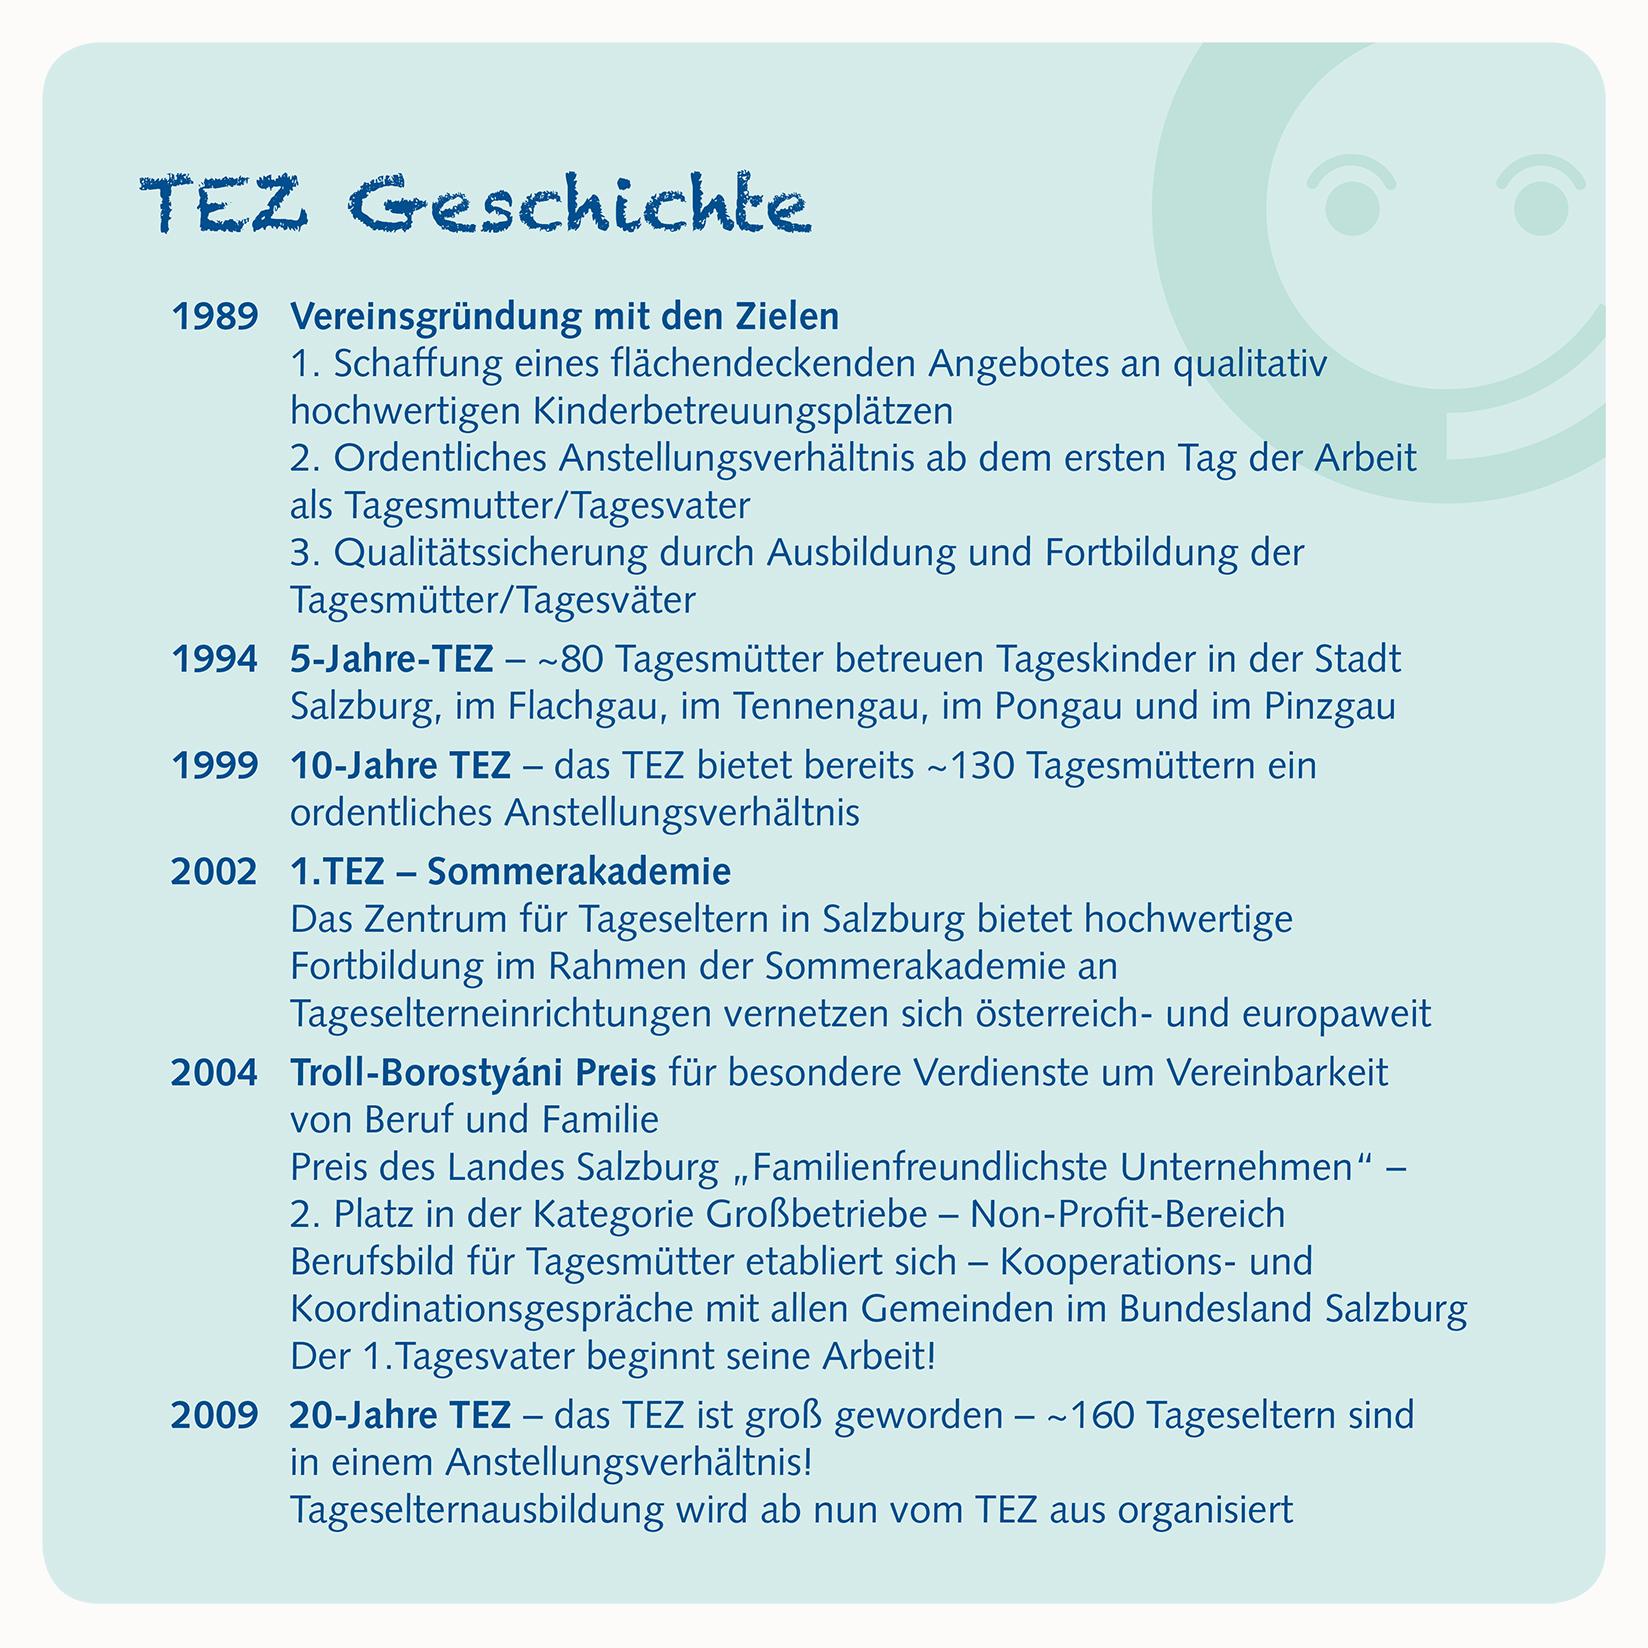 Festschrift_30_Jahre_TEZ_02.jpg